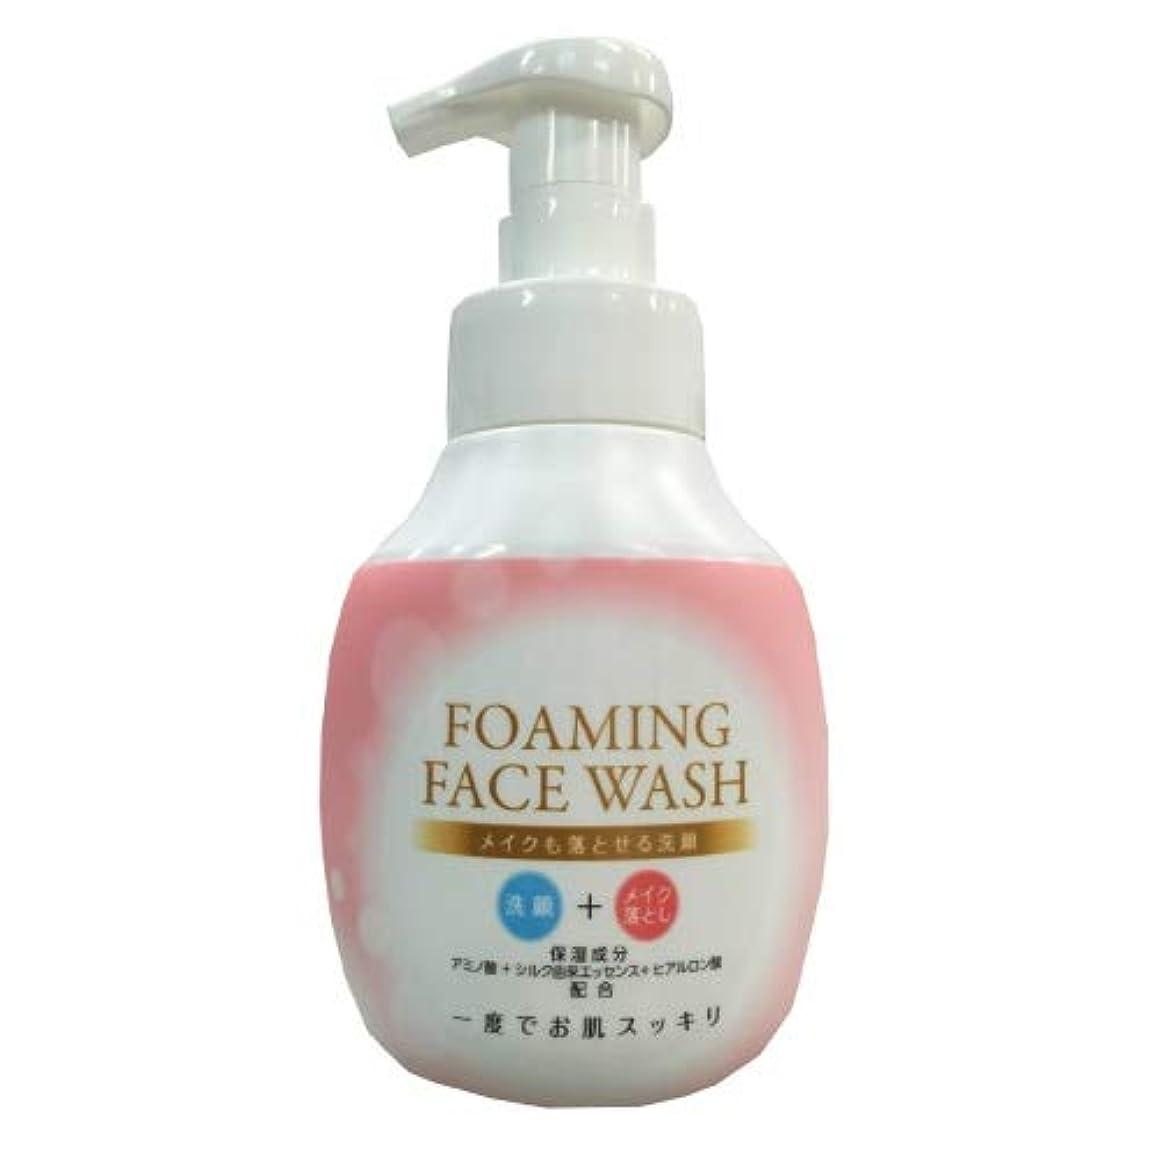 照らす免疫参照ロケット石鹸 メイクも落とせる洗顔 本体 250ML